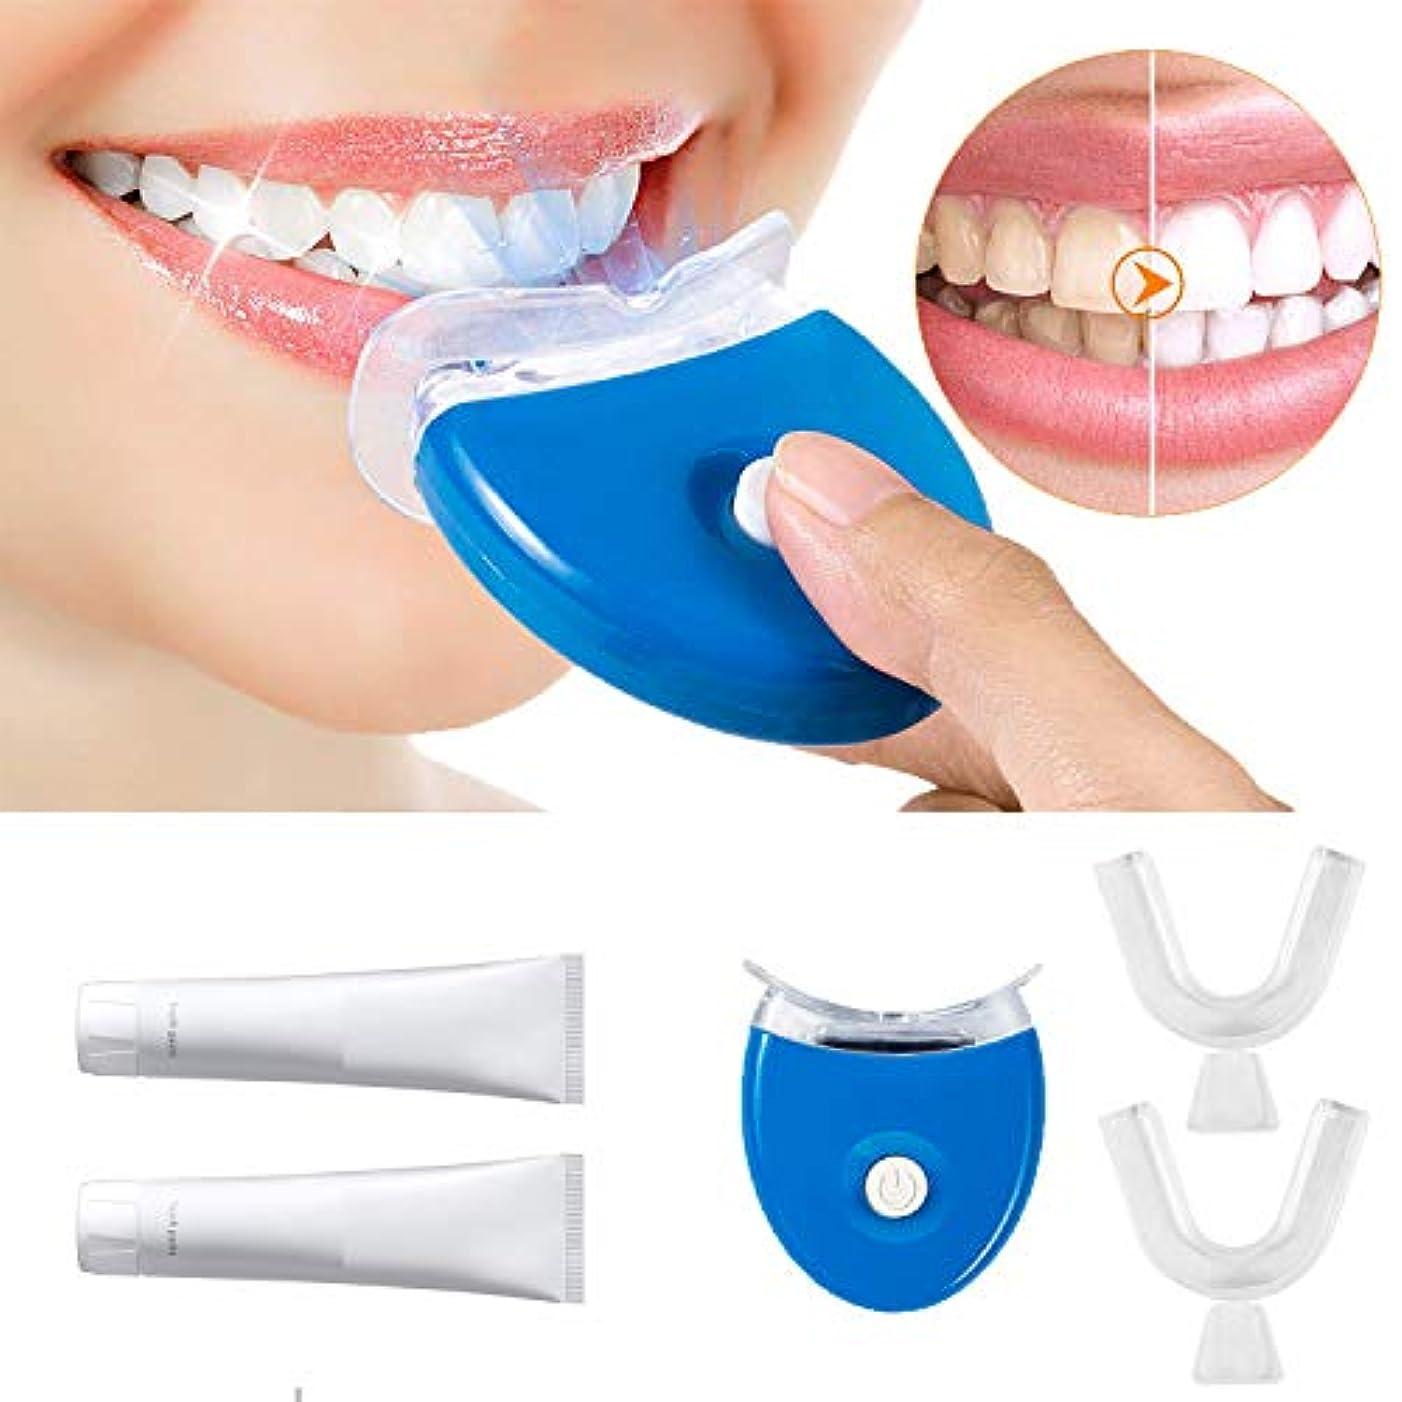 バランスのとれたエミュレーション崩壊ホワイトニング 歯ホワイトニング器 歯美白器 美歯器 歯 ホワイトニング ホワイトナー ケア 歯の消しゴム 歯科機器 口腔ゲルキット ブルー